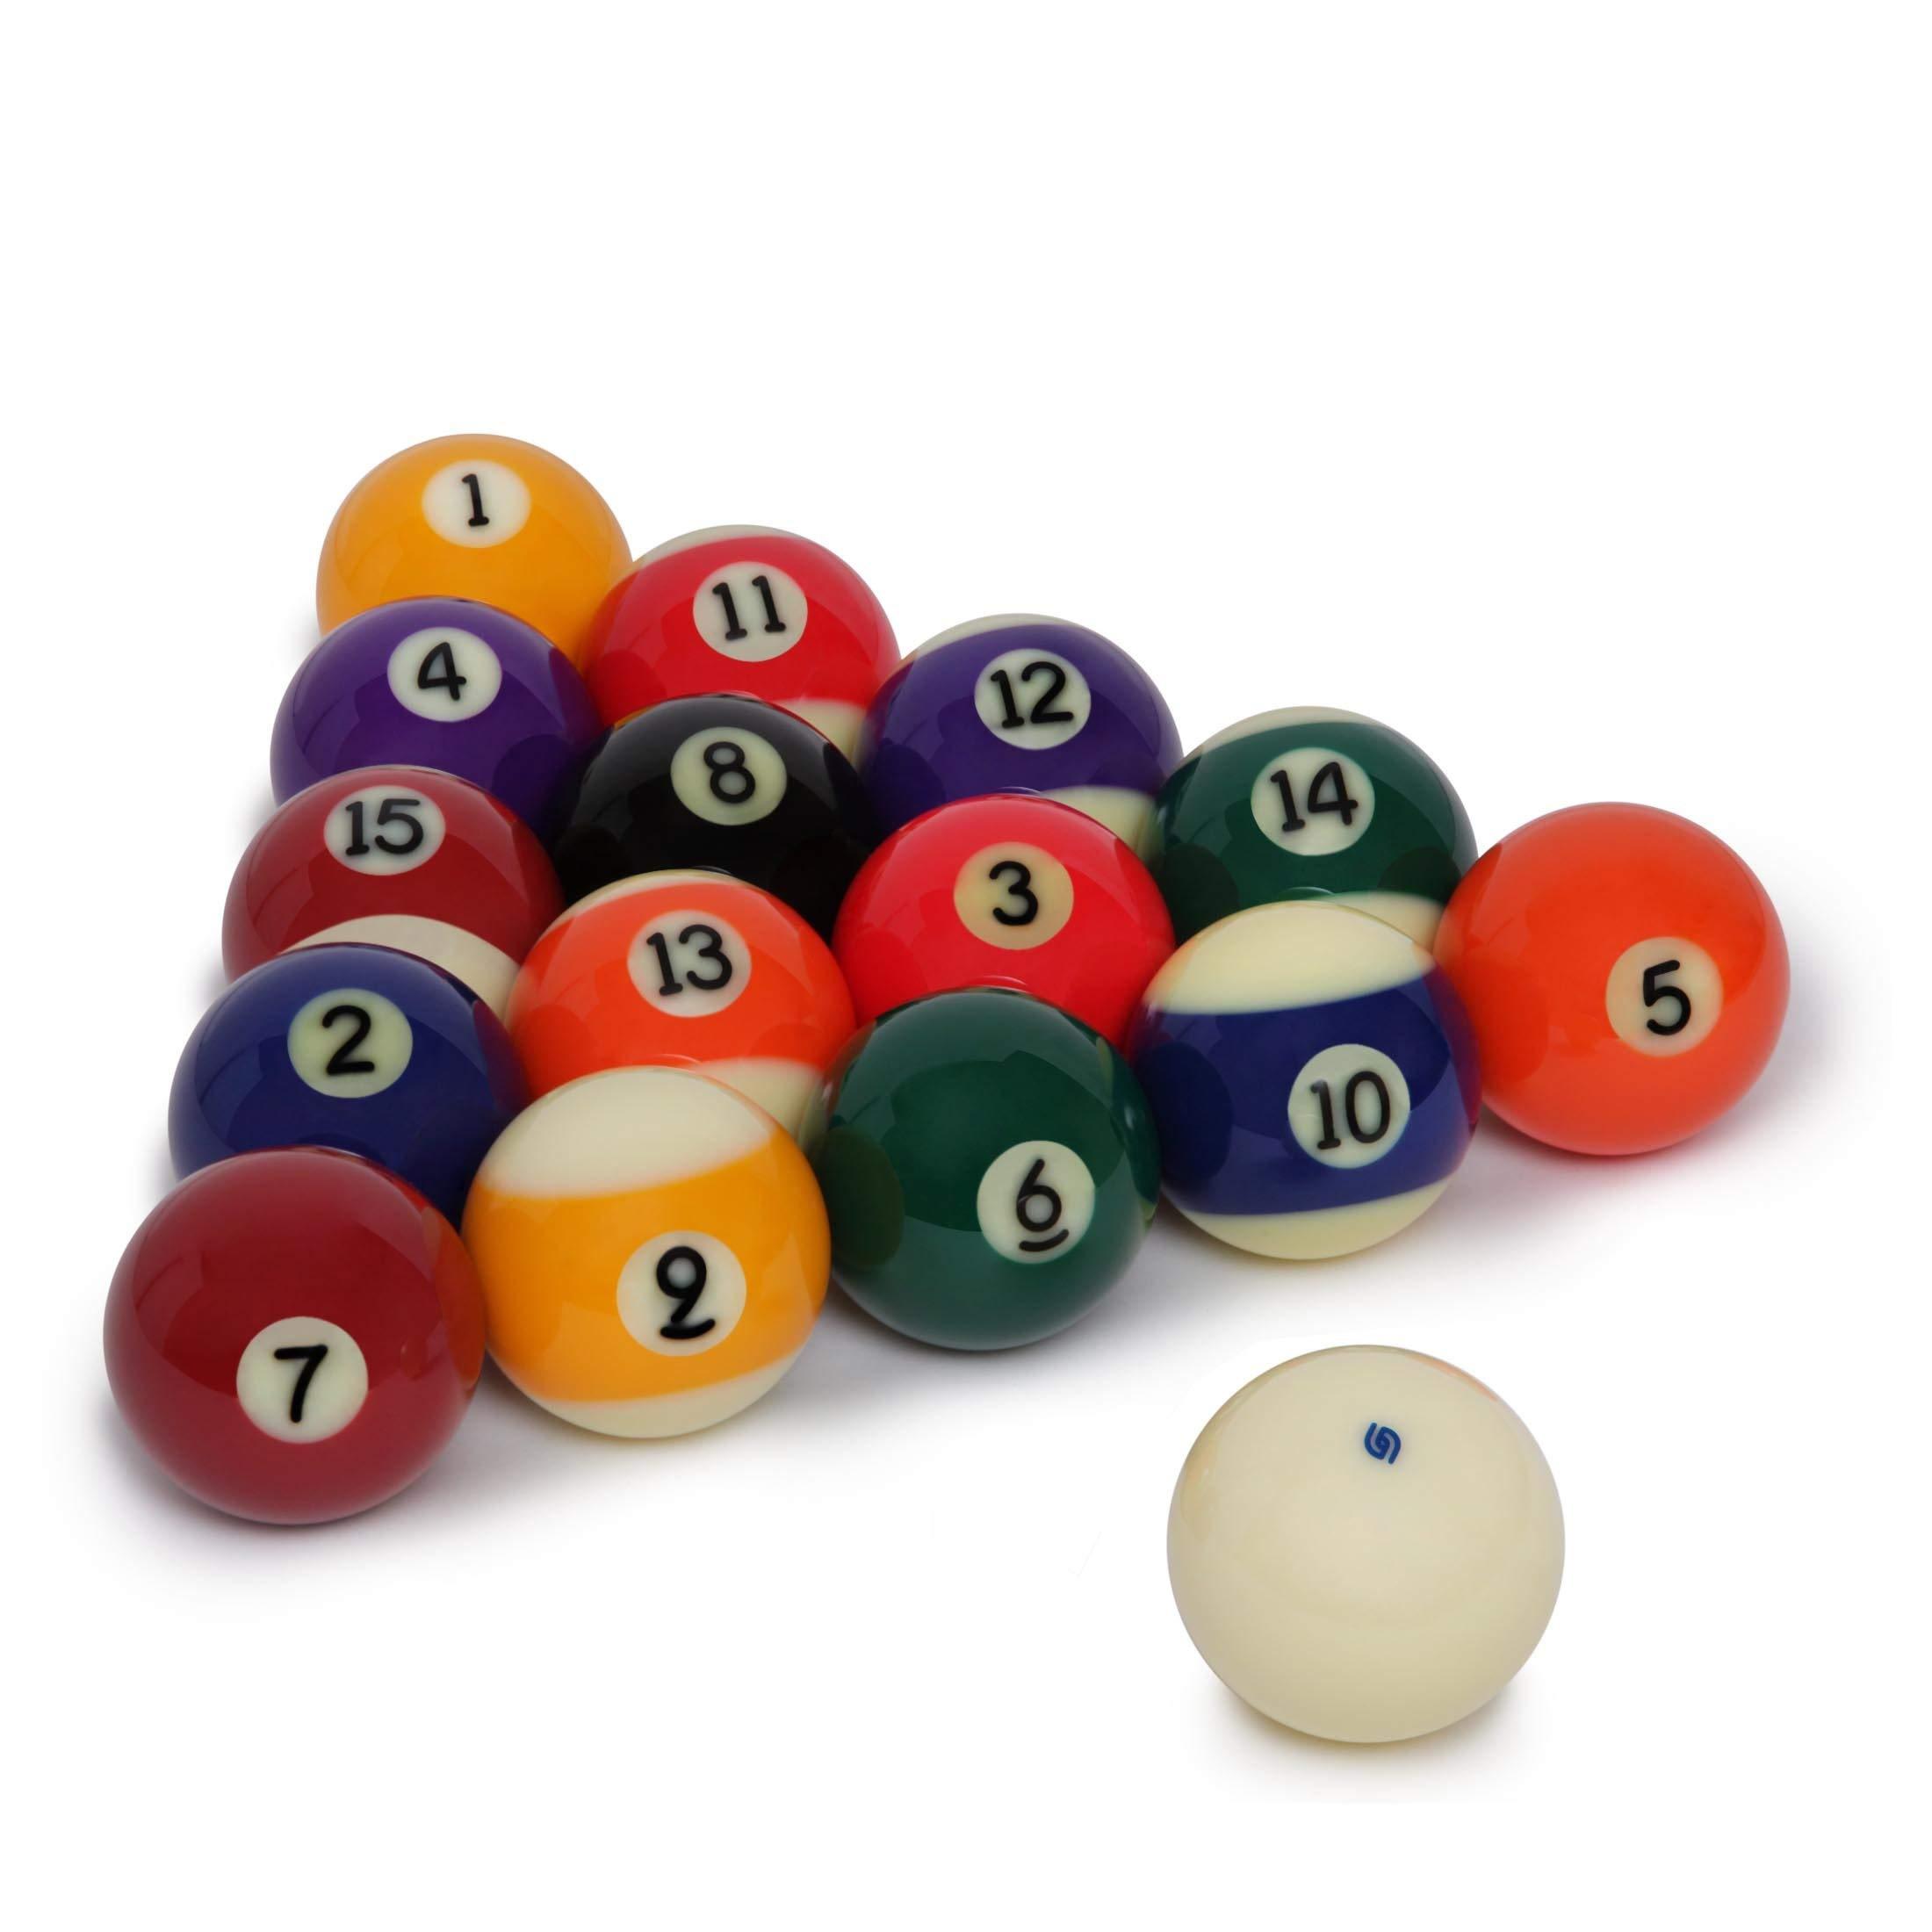 Aramith - Juego de 4 bolas de billar de 2 1/4 pulgadas, limpiador de bolas de billar, 8.4 onzas líquidas Funda para botella, paño de microfibra y bola Aramith: Amazon.es: Deportes y aire libre